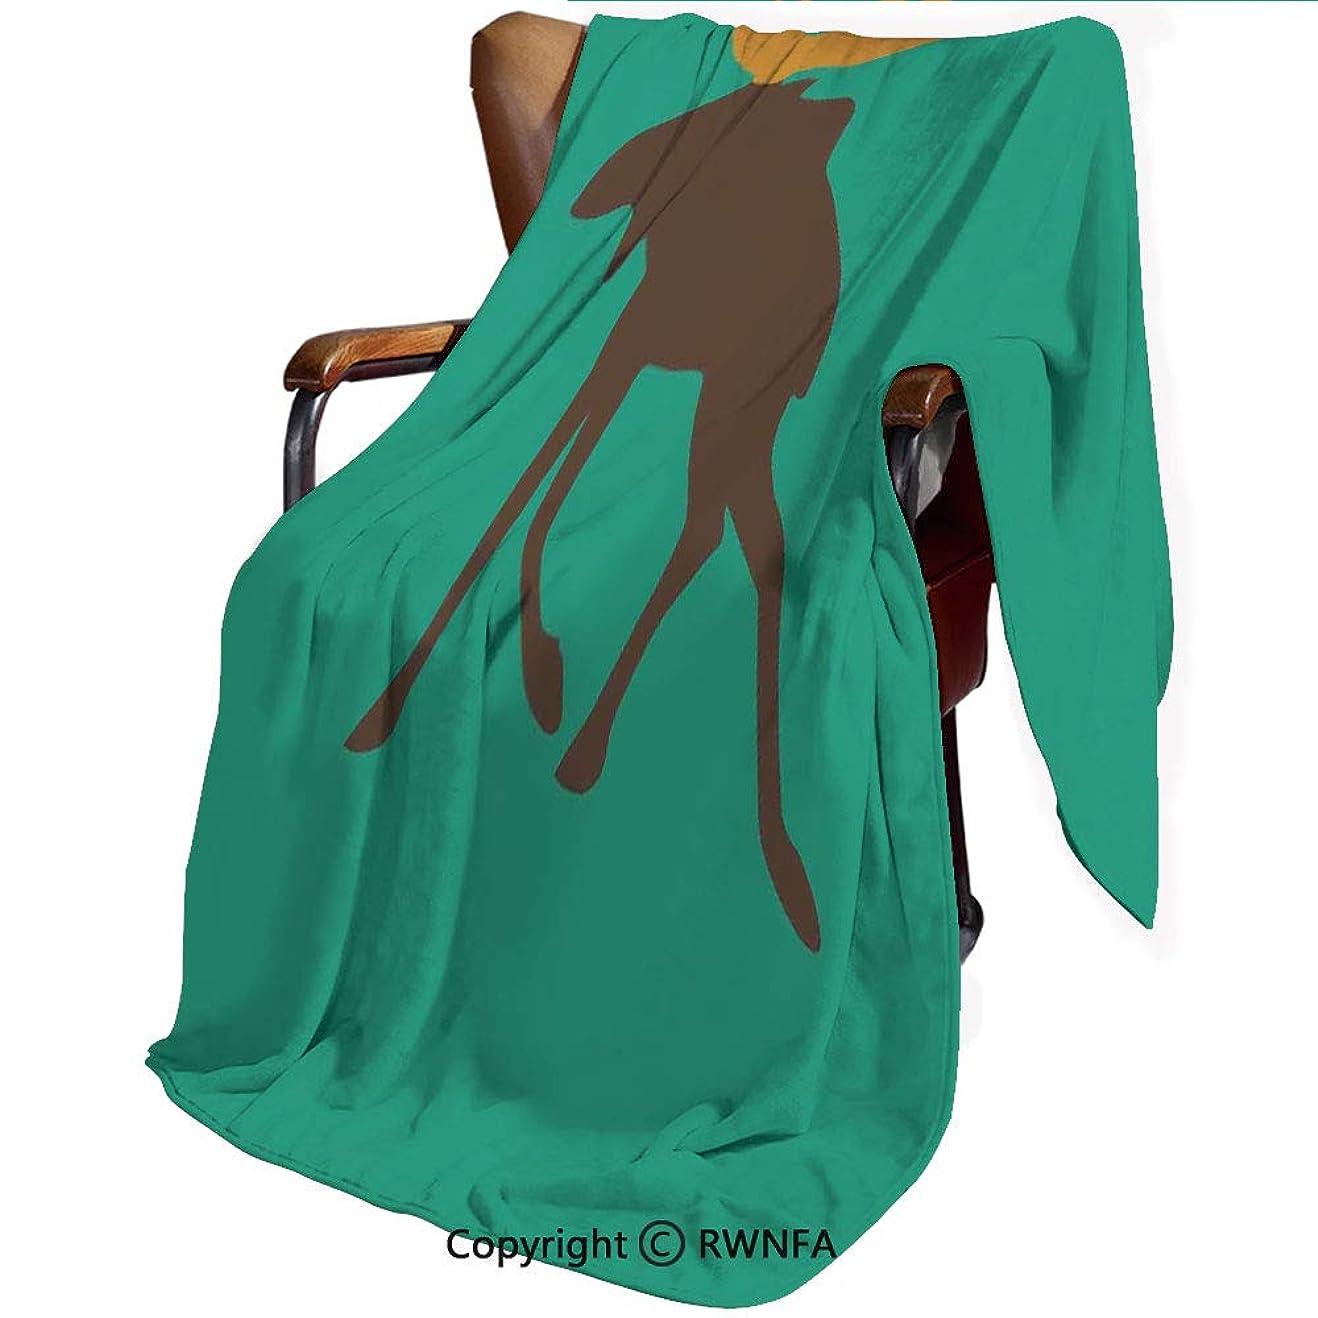 生命体換気するここに140*200cm 印刷者 毛布 シングル ネイビー マイヤー毛布 プレミアム マイクロファイバー 軽い 発熱効果 セミダブル 防寒毛布 洗濯OK 冷房対策 通年使 ムース 鹿の角のイラスト鹿家族芸術的なデザイン 海緑茶色のかわいい生き物